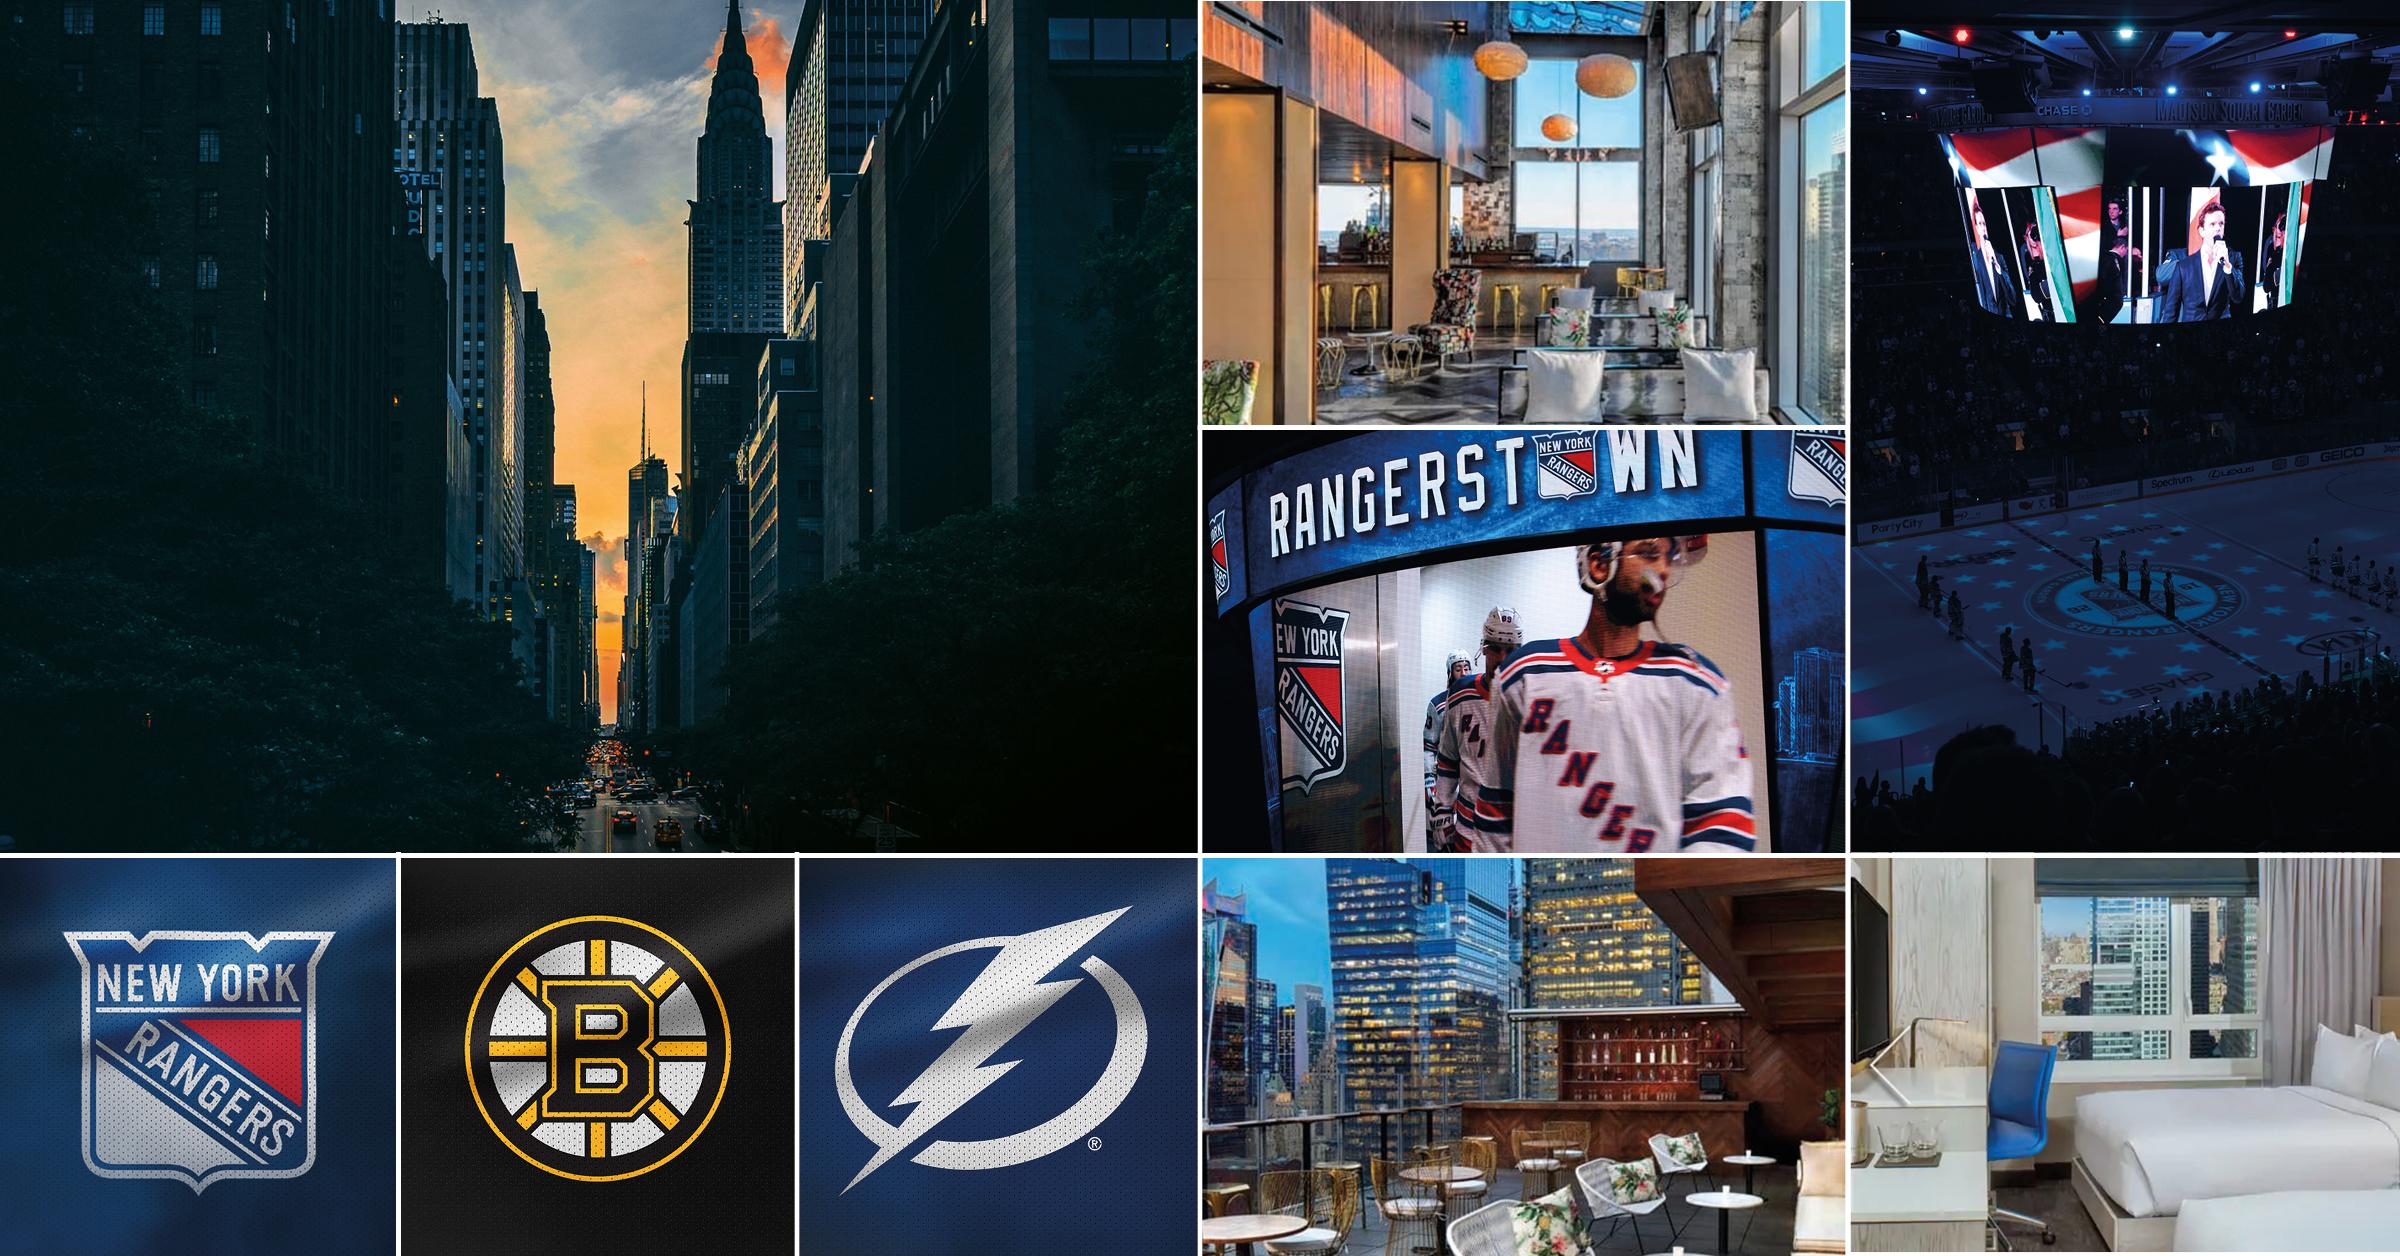 NHL-resa Höstlovet25-31 oktober 2019 - En höstlovsresa till New York där hockeyälskaren minst sagt får valuta för pengarna. Ett förstklassigt möte från Madison Square Garden när New York Rangers gästas av fjolårets finallag - Boston Bruins. Den andra matchen är mellan Rangers och stjärnfyllda Tampa Bay Lightning. Under hela vistelsen bor du ett stenkast från Times Square på Hilton Doubletree Times Square West.